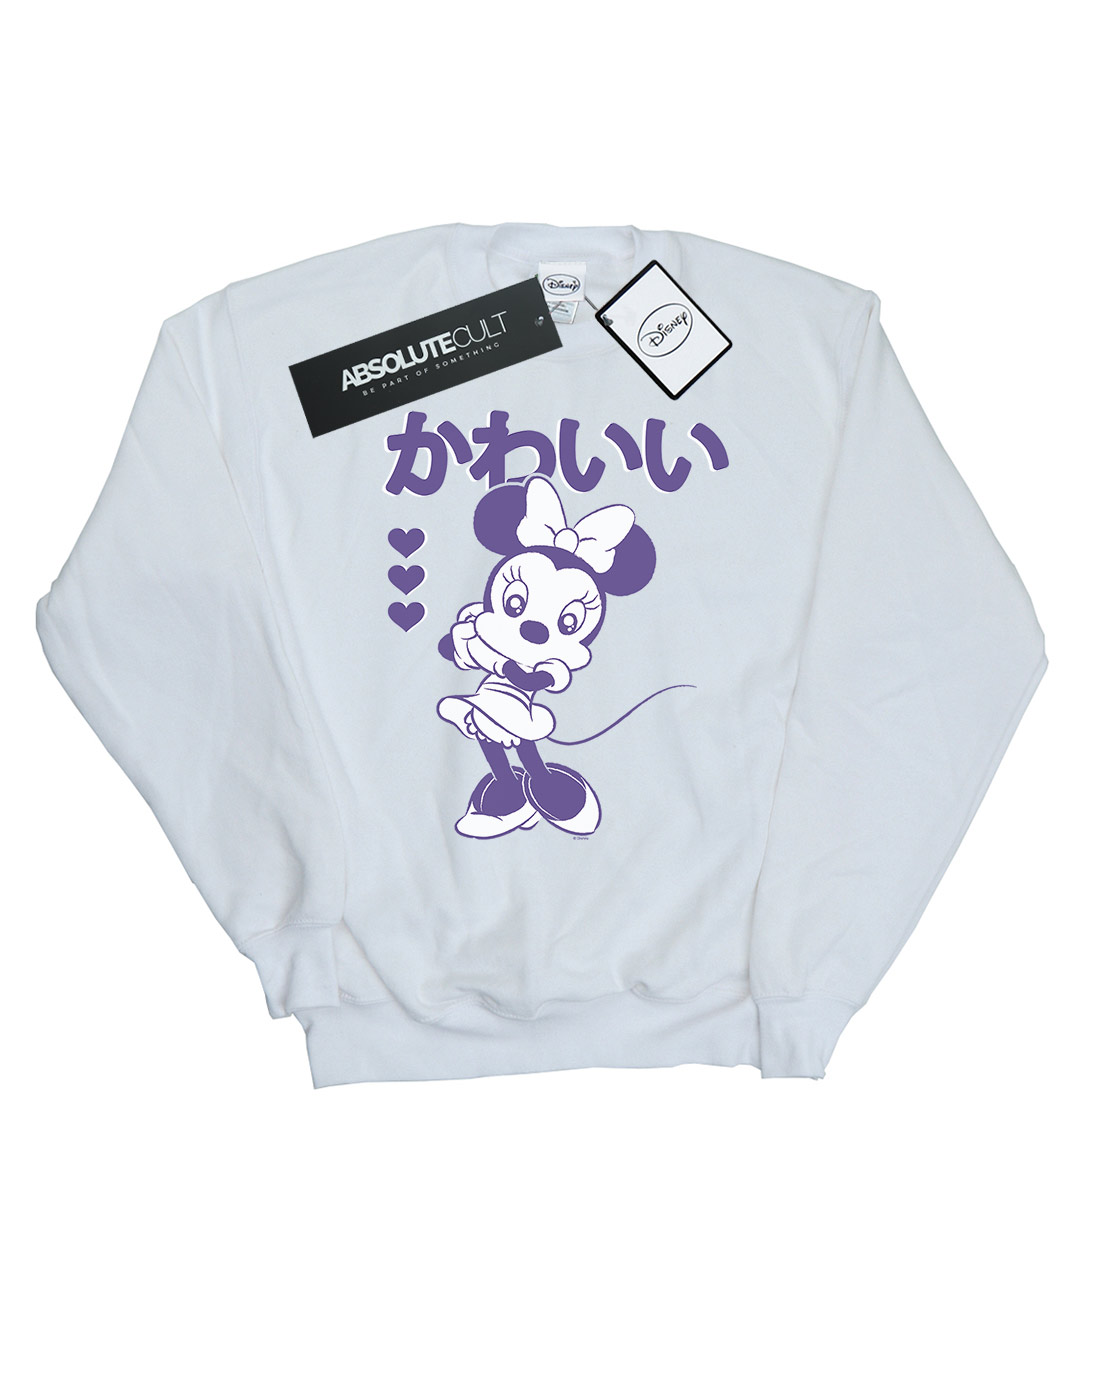 Mouse Felpa Uomo Minnie Kawaii Disney 6xwEv7Ixq